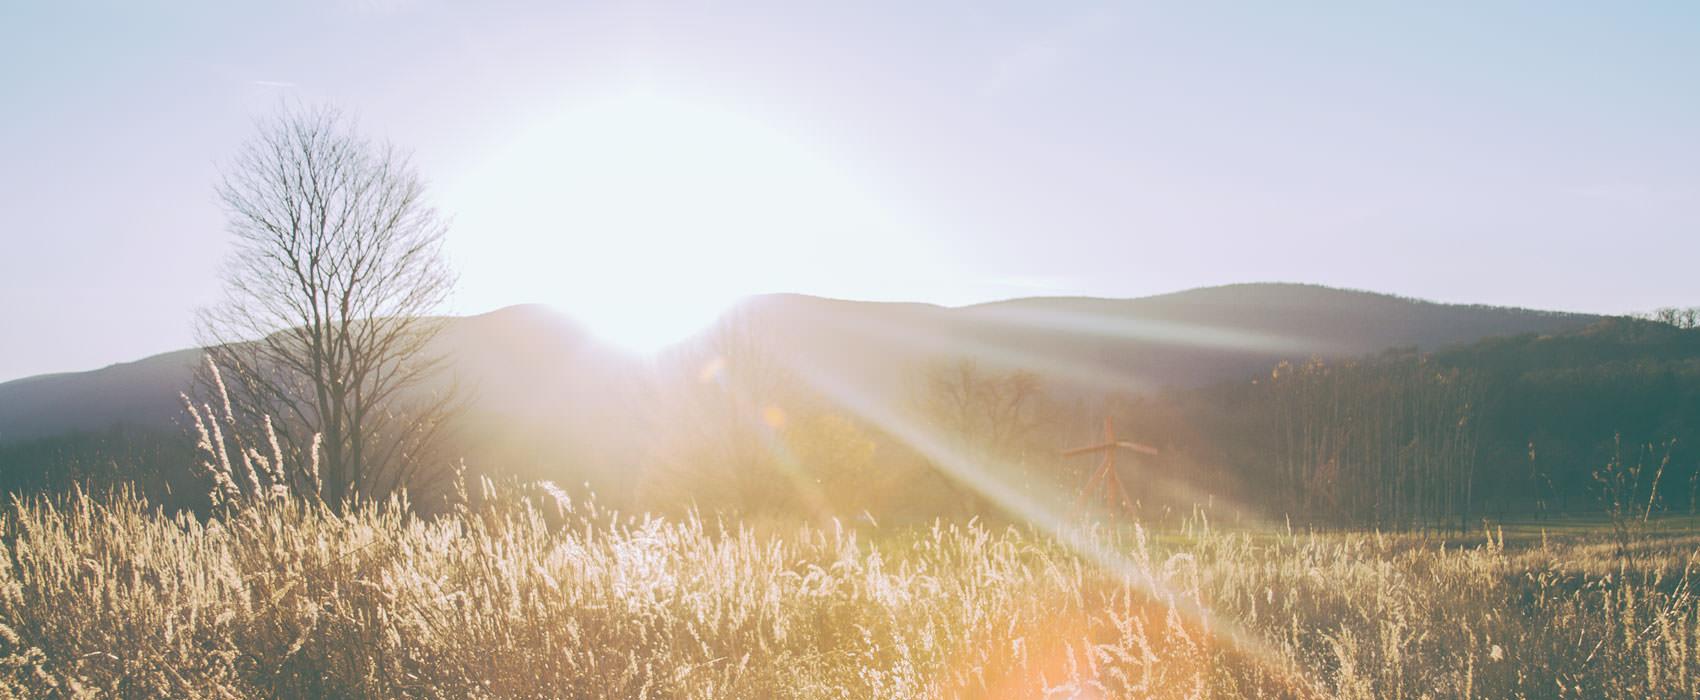 Gegenlichtaufnahme von einem Hügel hinter einem Feld.